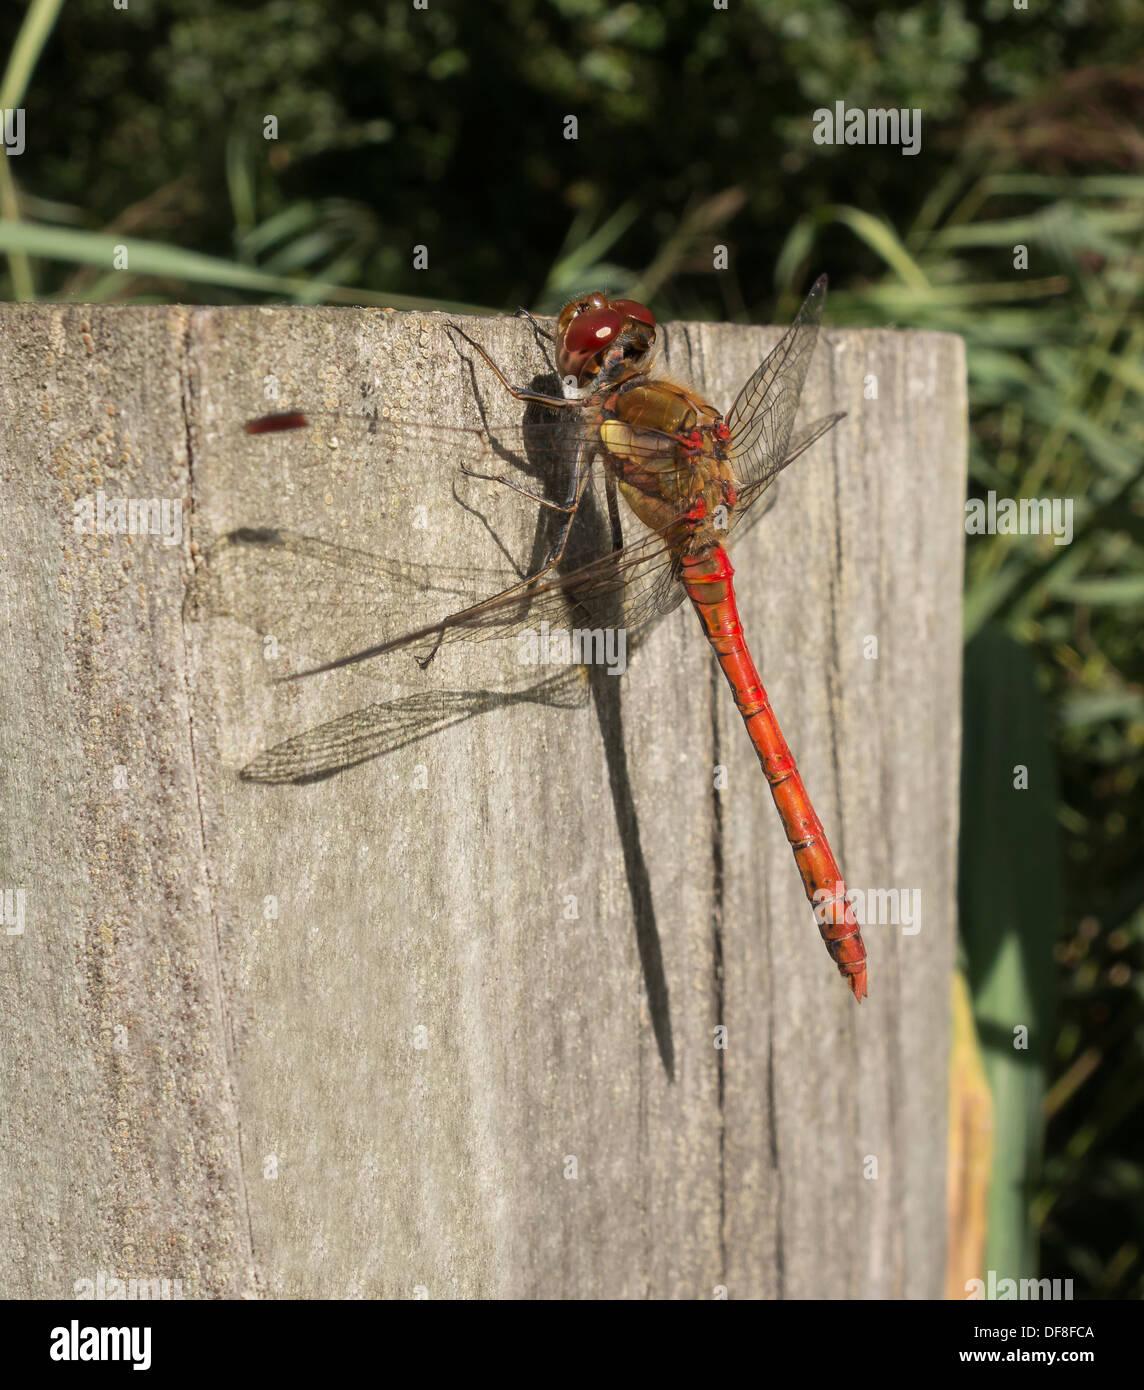 common-darter-dragonfly-milton-cambridge